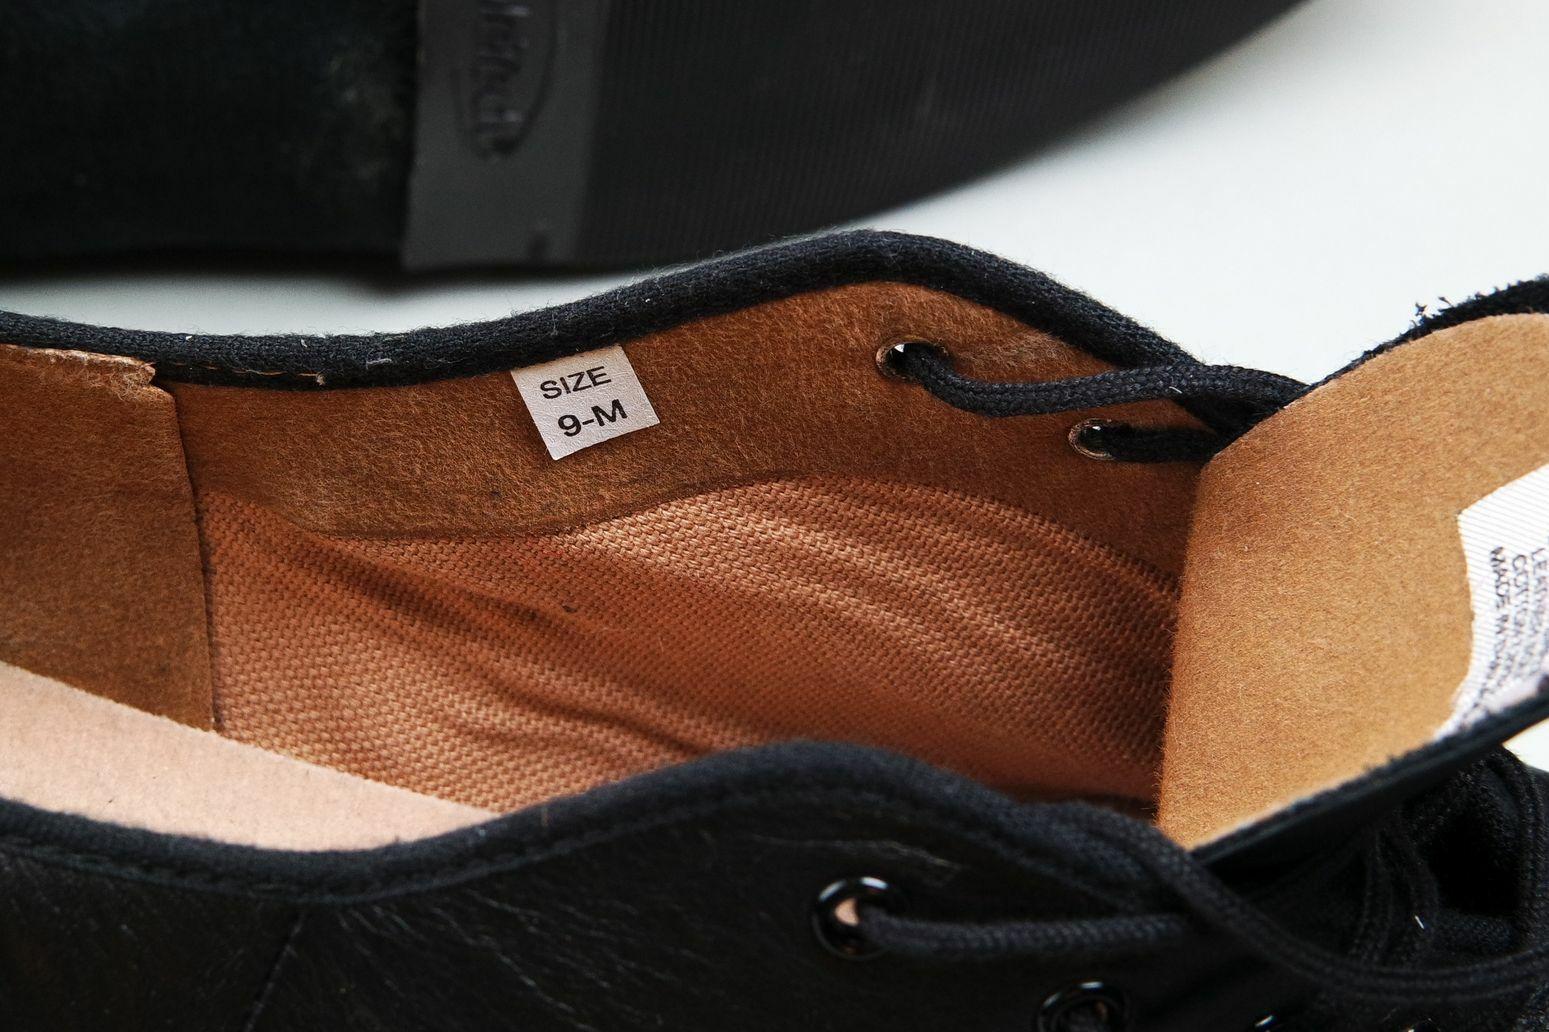 Bloch jazz shoes men's black leather size UK 9 M EU 43